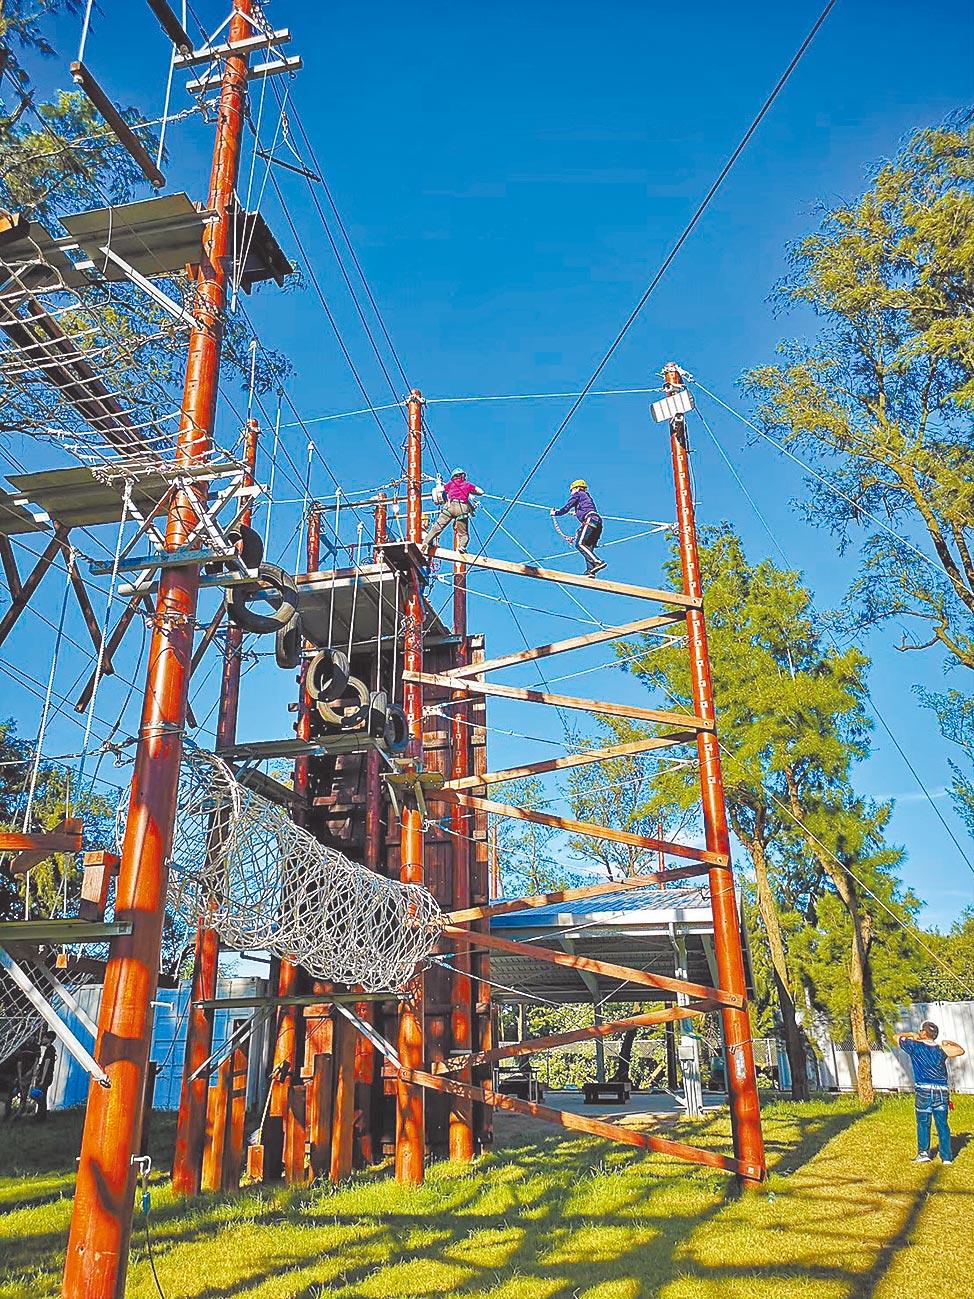 桃園青年體驗學習園區,是北台灣擁有最多高低空設施的探險活動體驗場。(青年事務局提供/邱立雅桃園傳真)